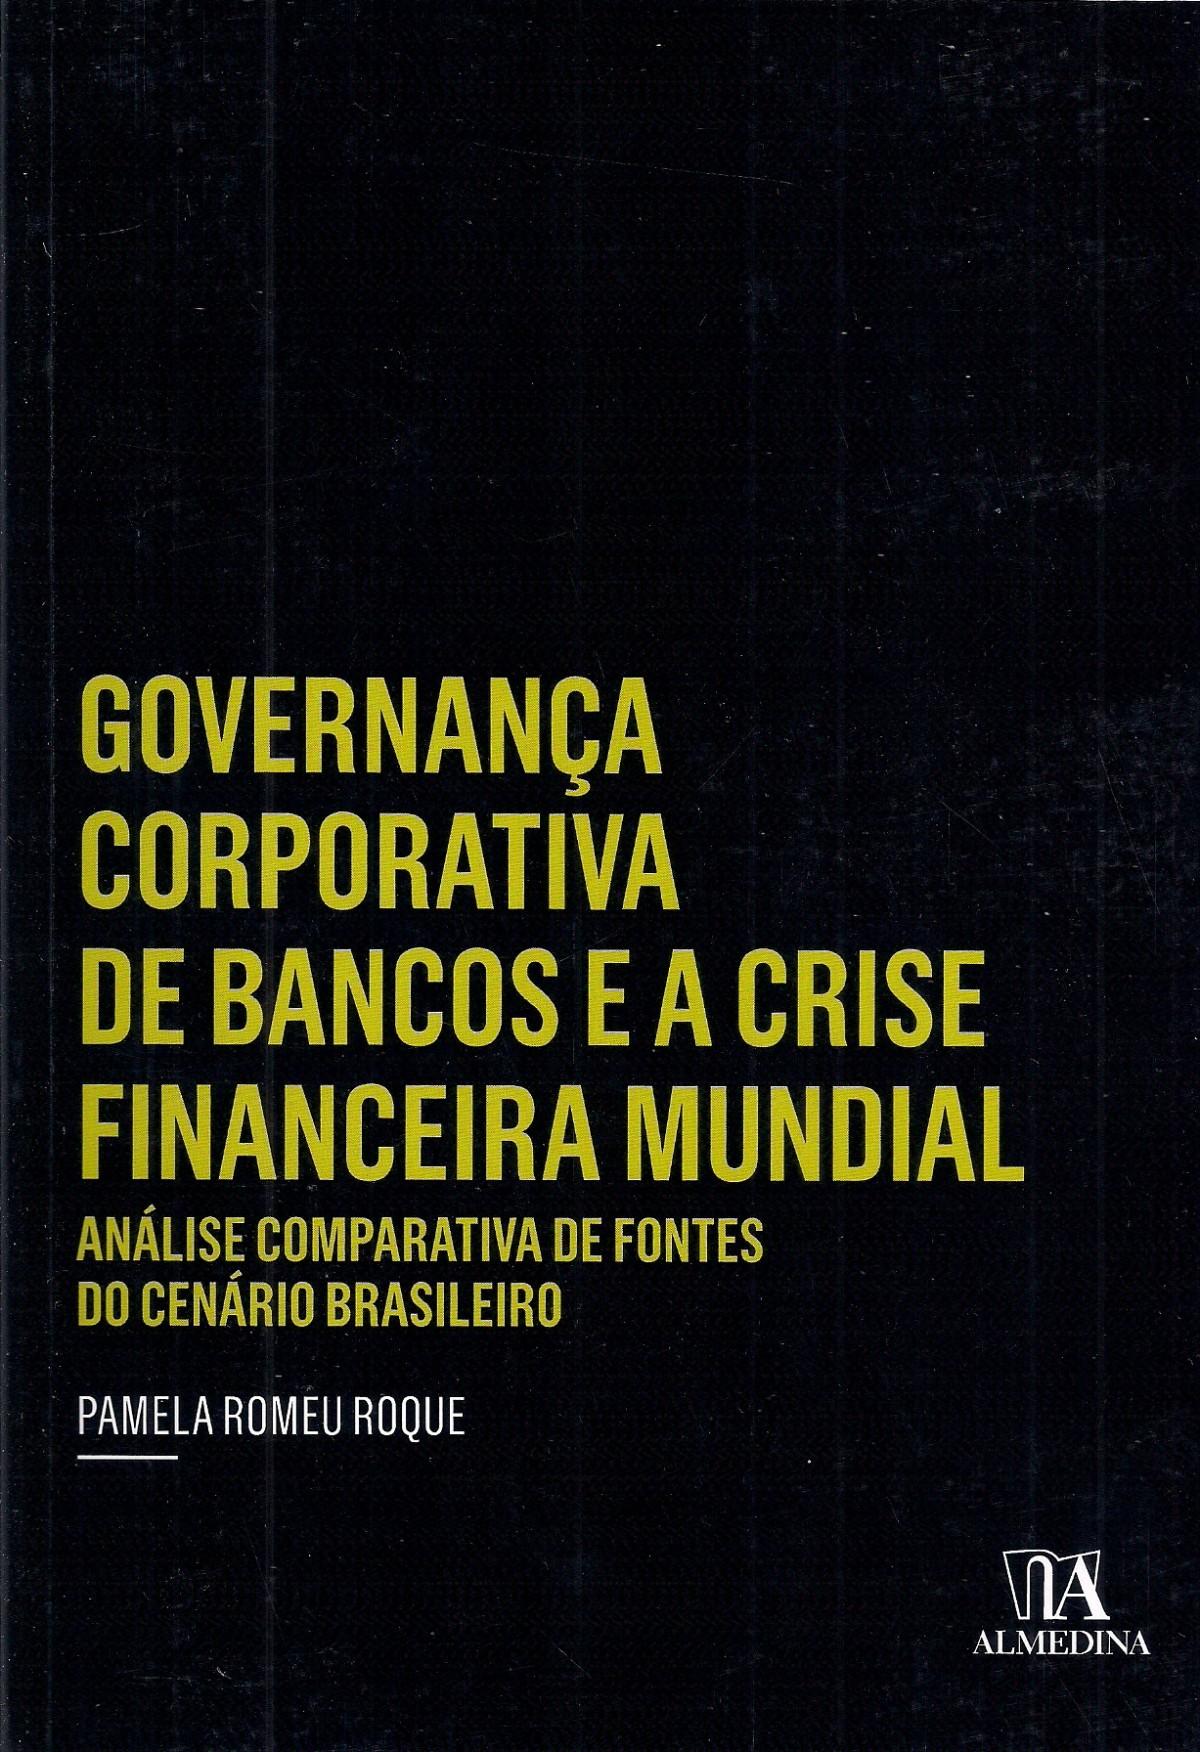 Foto 1 - Governança Corporativa de Bancos e a Crise Financeira Mundial - Análise comparativa de fontes do cen